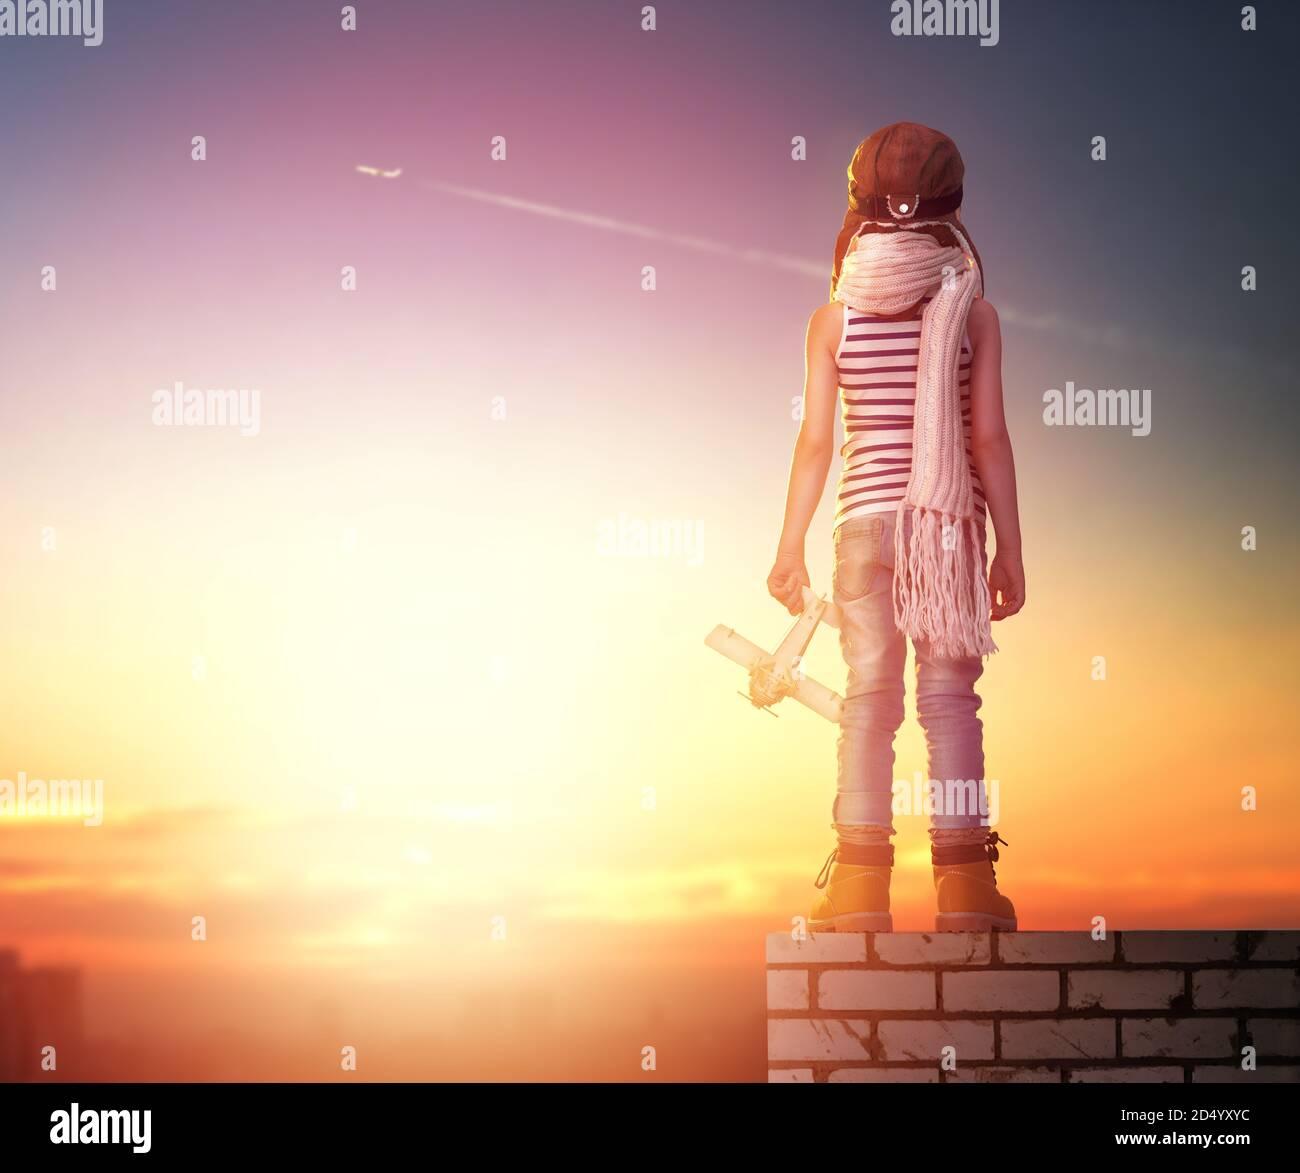 un enfant joue avec un avion jouet au coucher du soleil et rêve de devenir pilote Banque D'Images